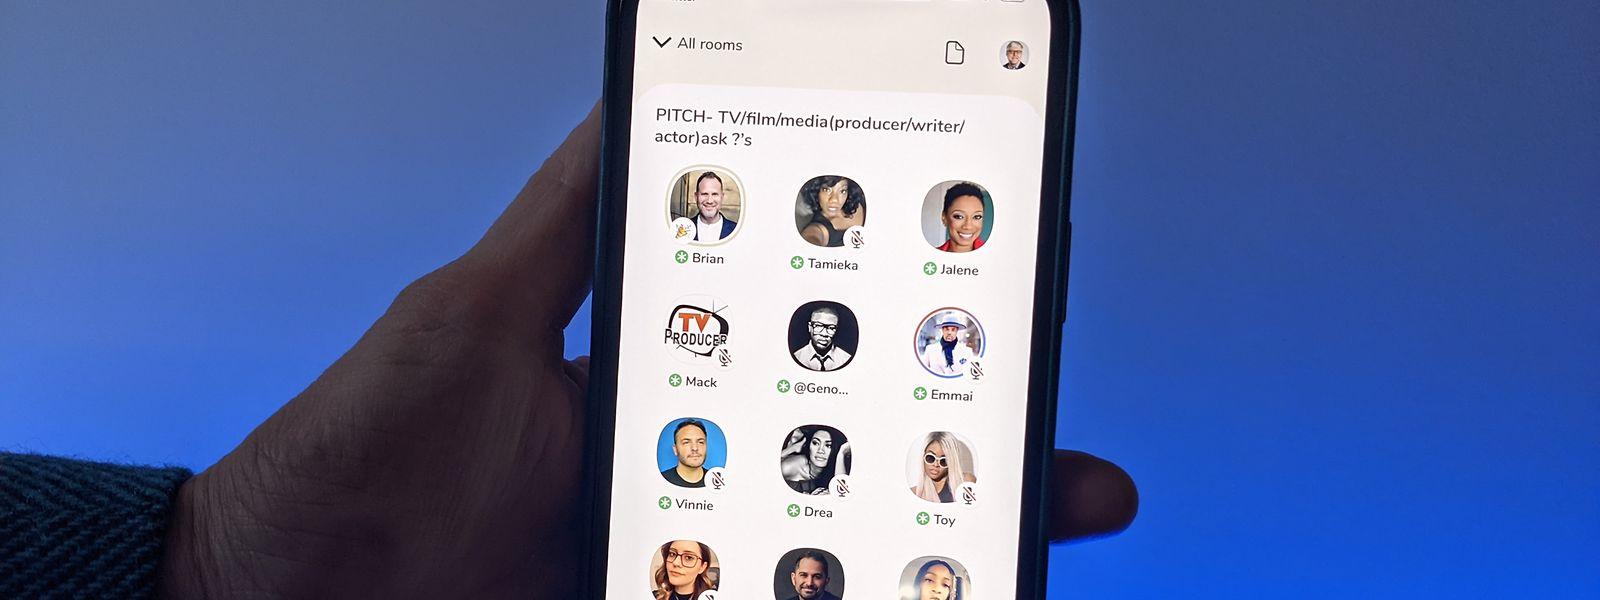 Bei Clubhouse können Nutzer in virtuellen Räumen einem Audio-Chat anderer Clubhouse-Anwender zuhören oder sich aktiv an dem Gespräch beteiligen.